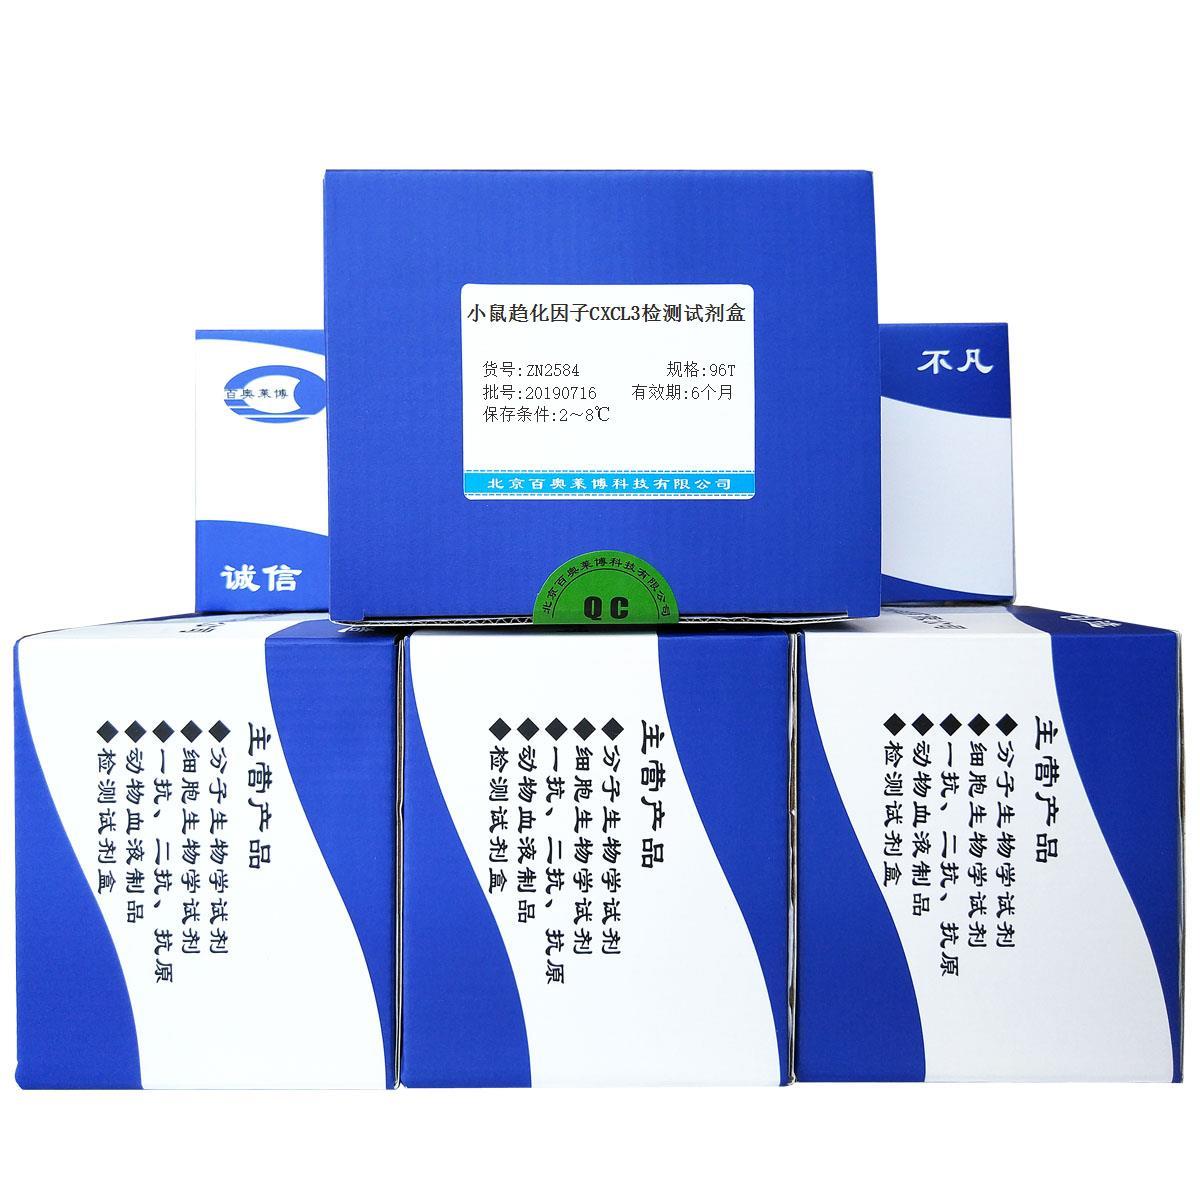 小鼠趋化因子CXCL3检测试剂盒北京厂家